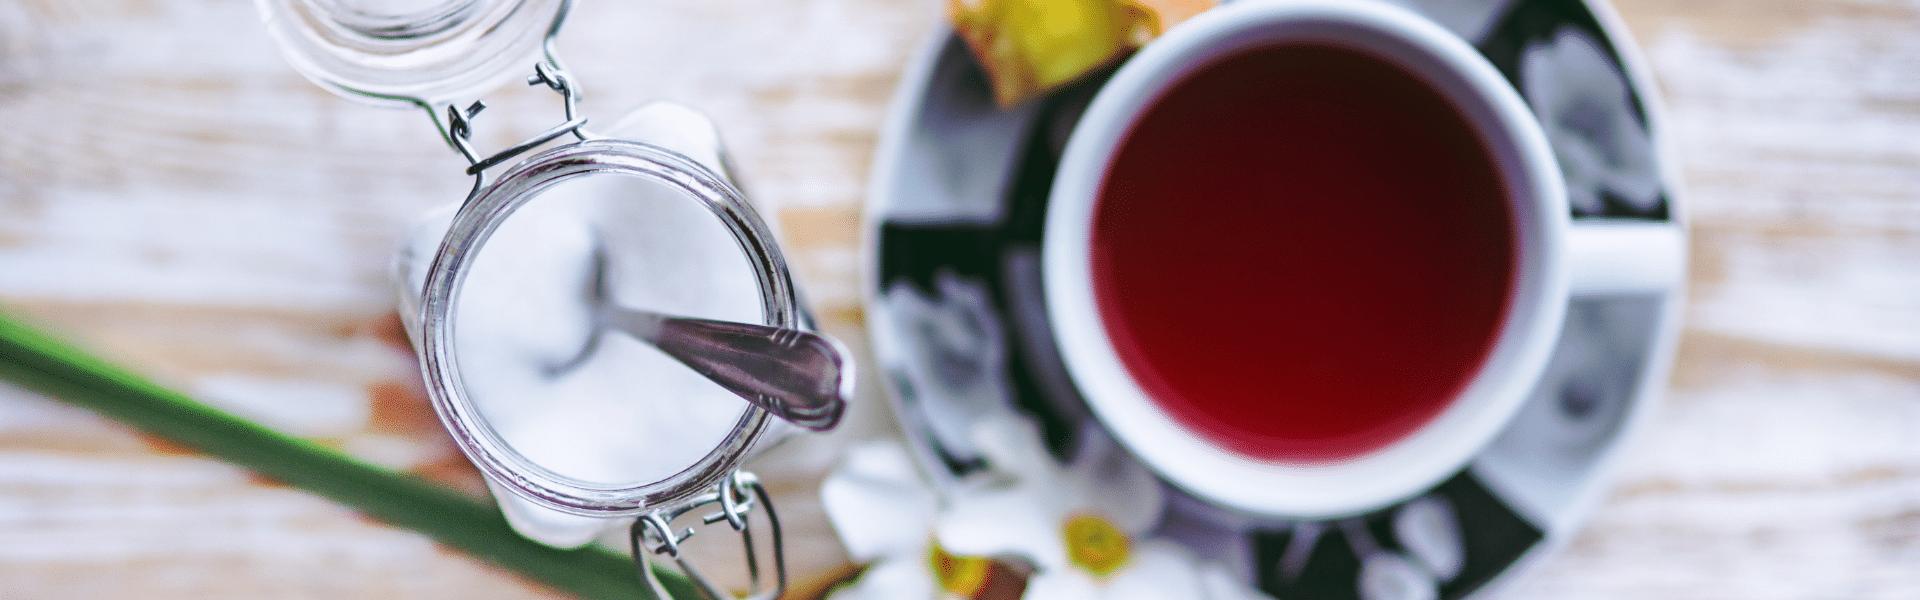 Welche Vorteile hat roter Tee, um Gewicht zu verlieren?